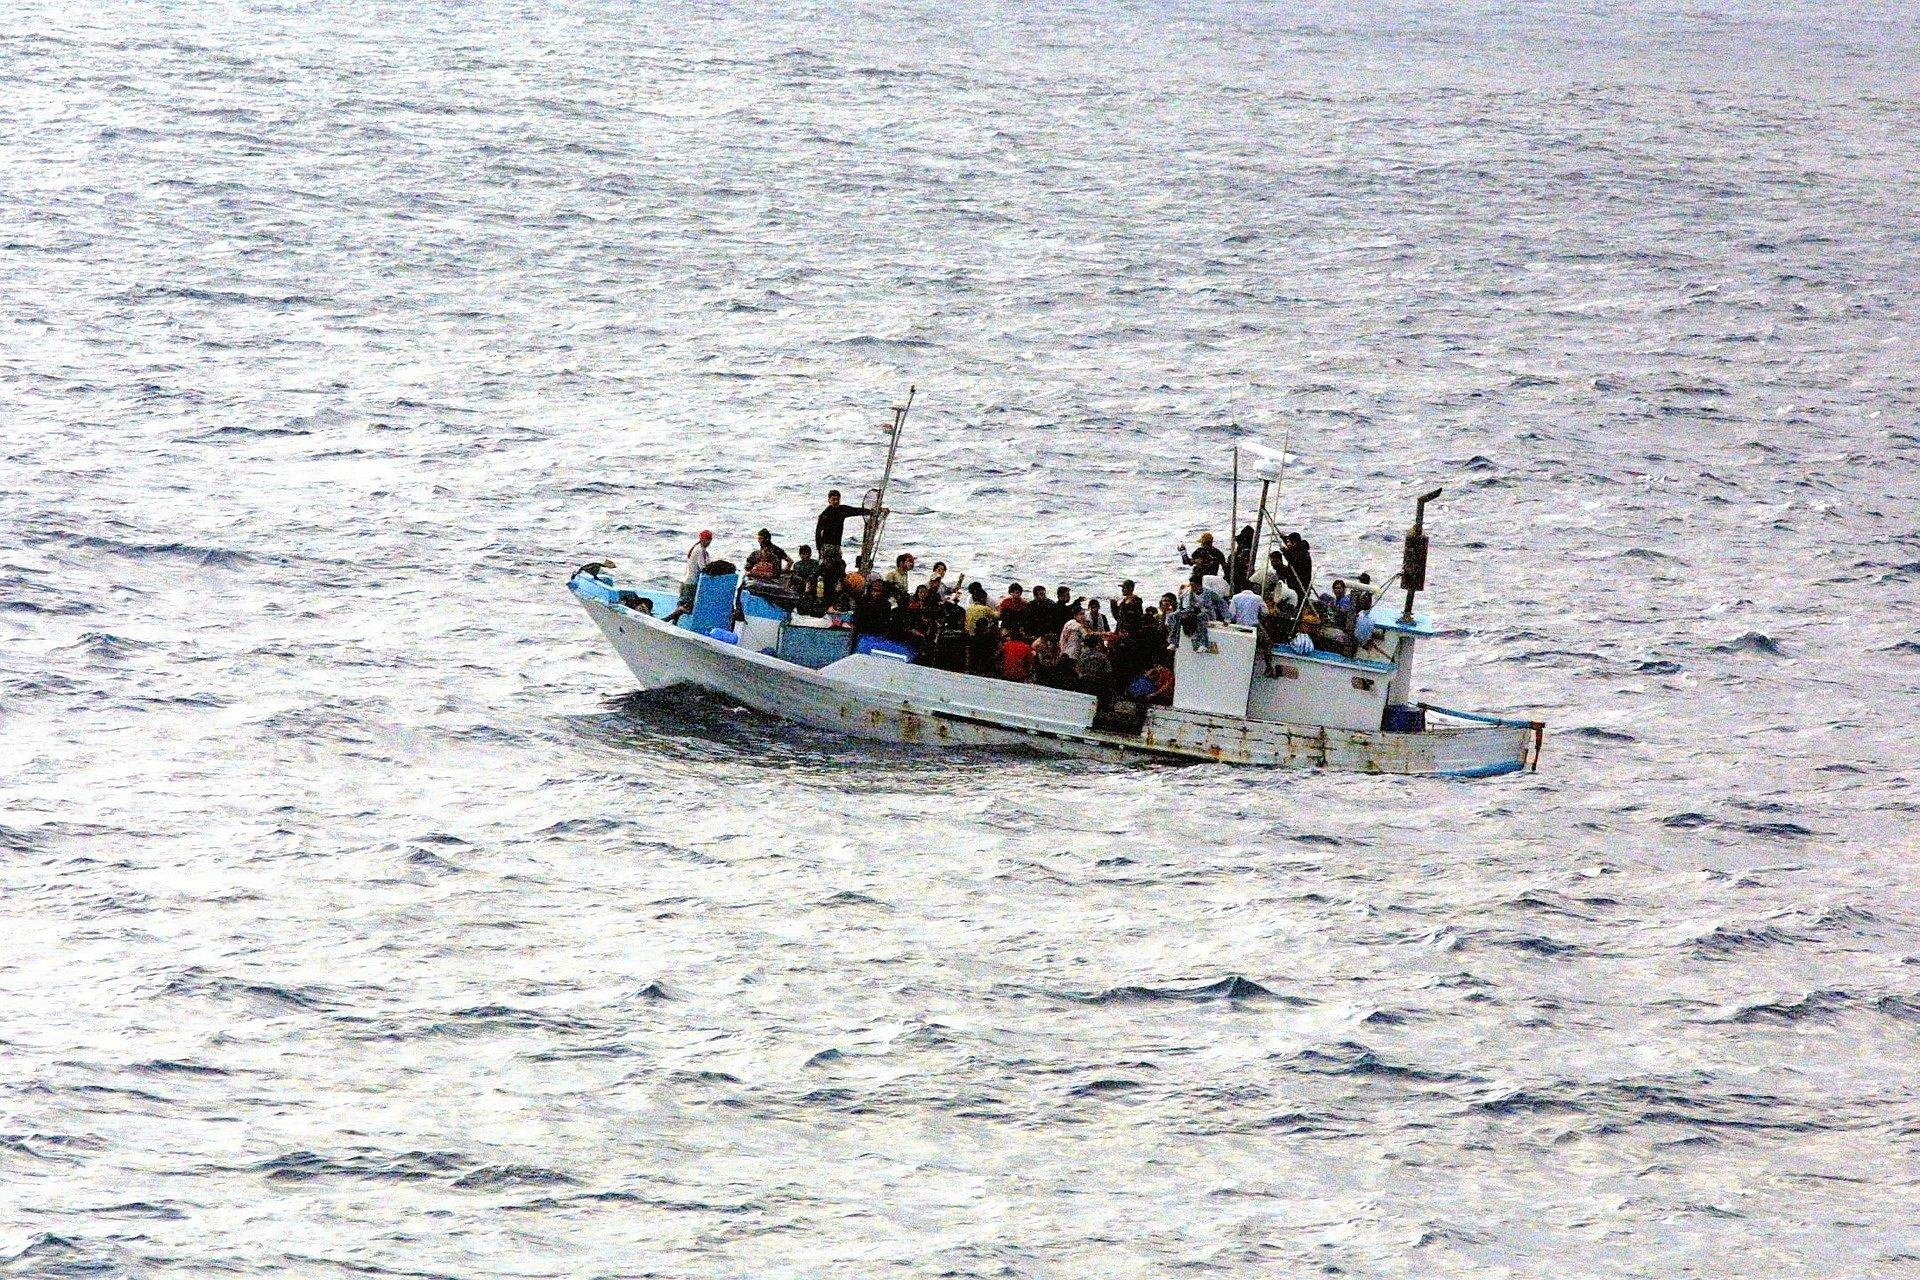 Migrationsforscher stellen vier zentrale Forderungen